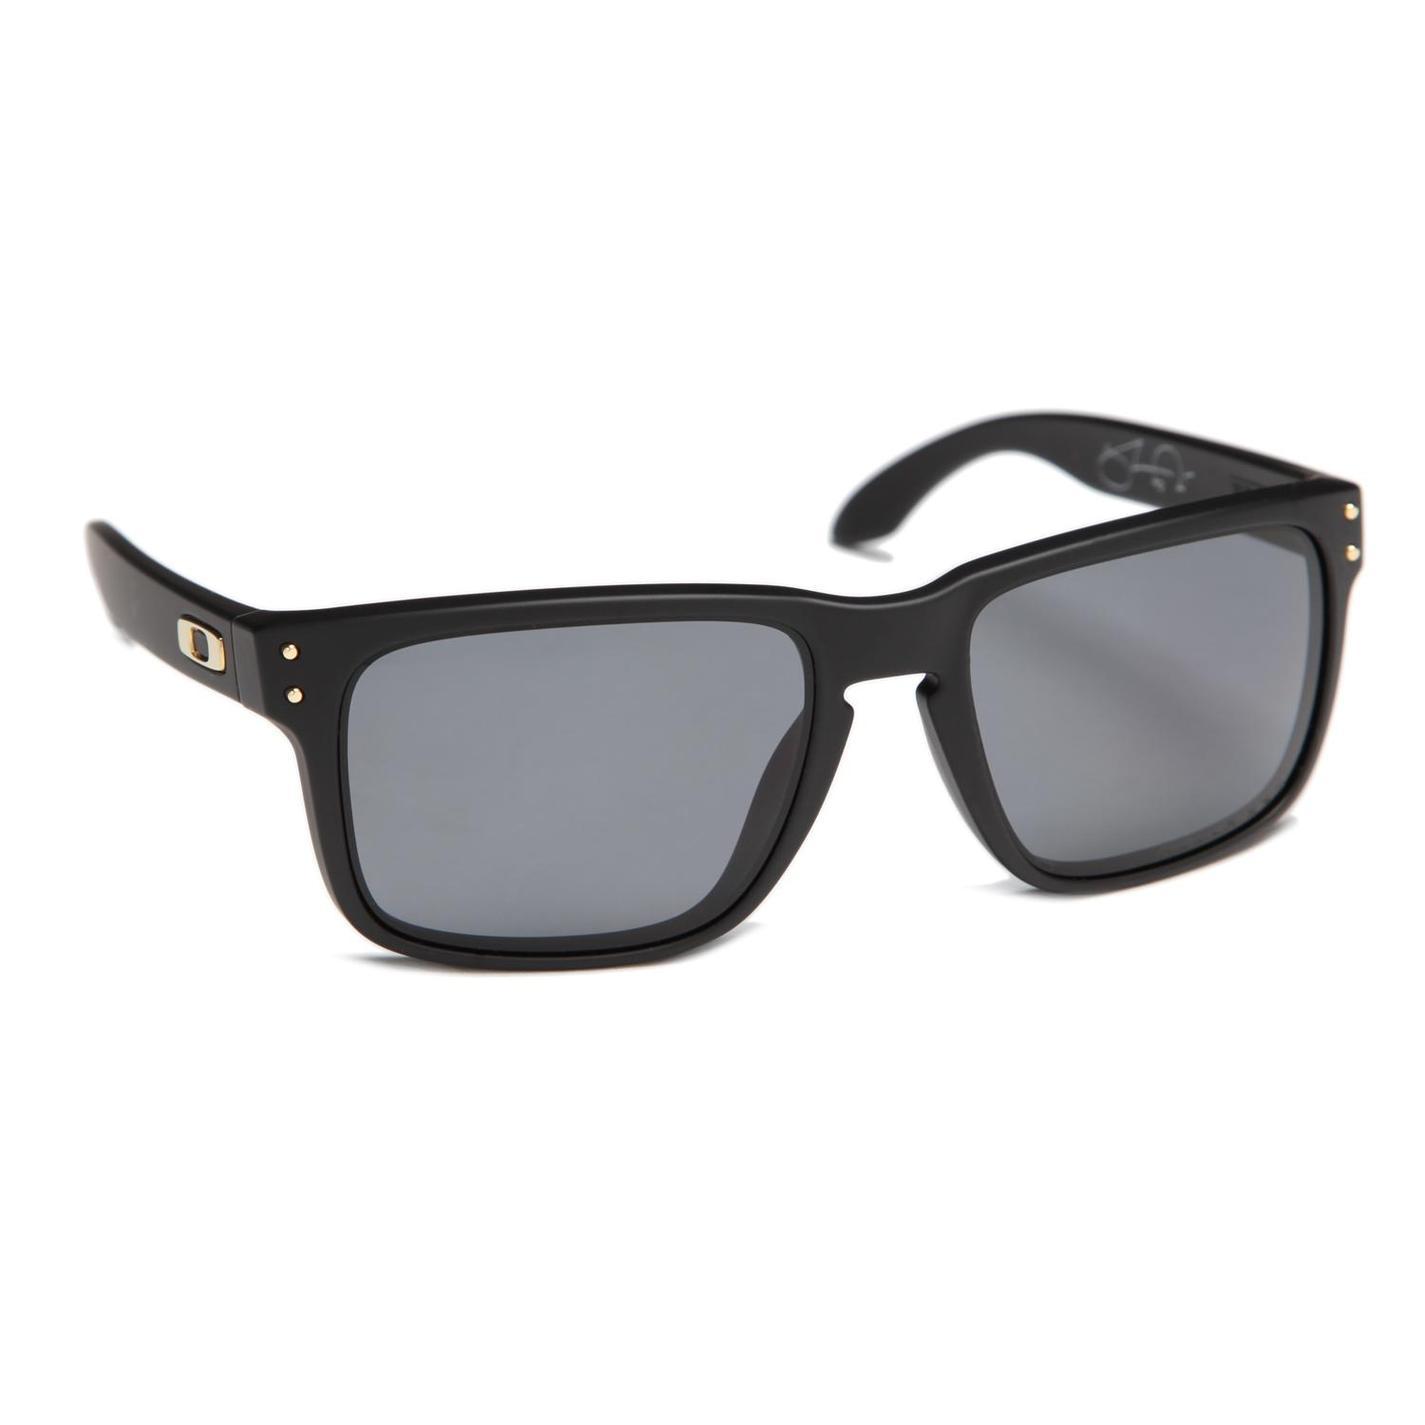 Sunglasses Pics Clipart.